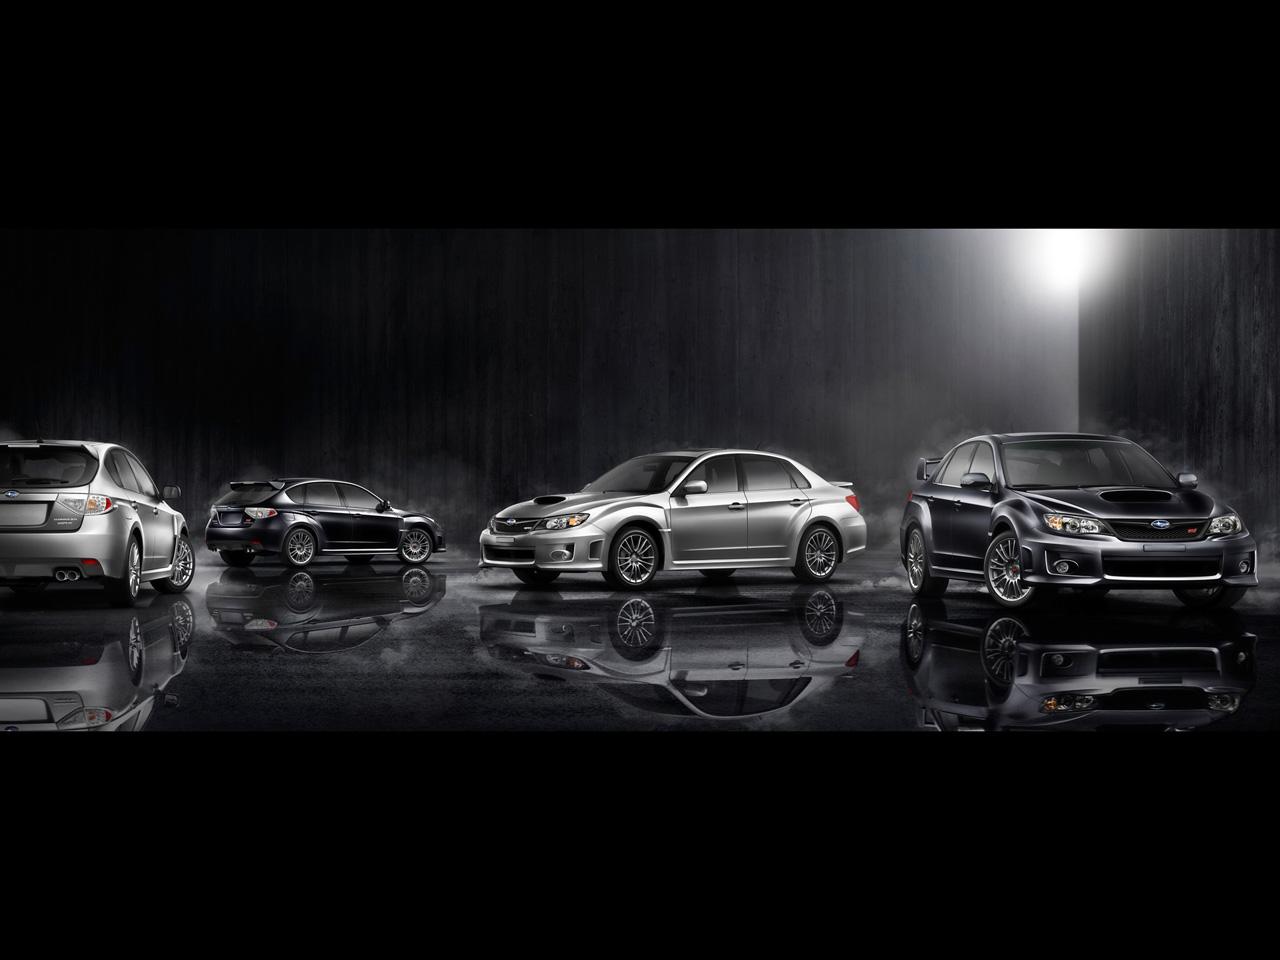 2011 Subaru Impreza WRX STI   WRX and WRX STI   1280x960   Wallpaper 1280x960